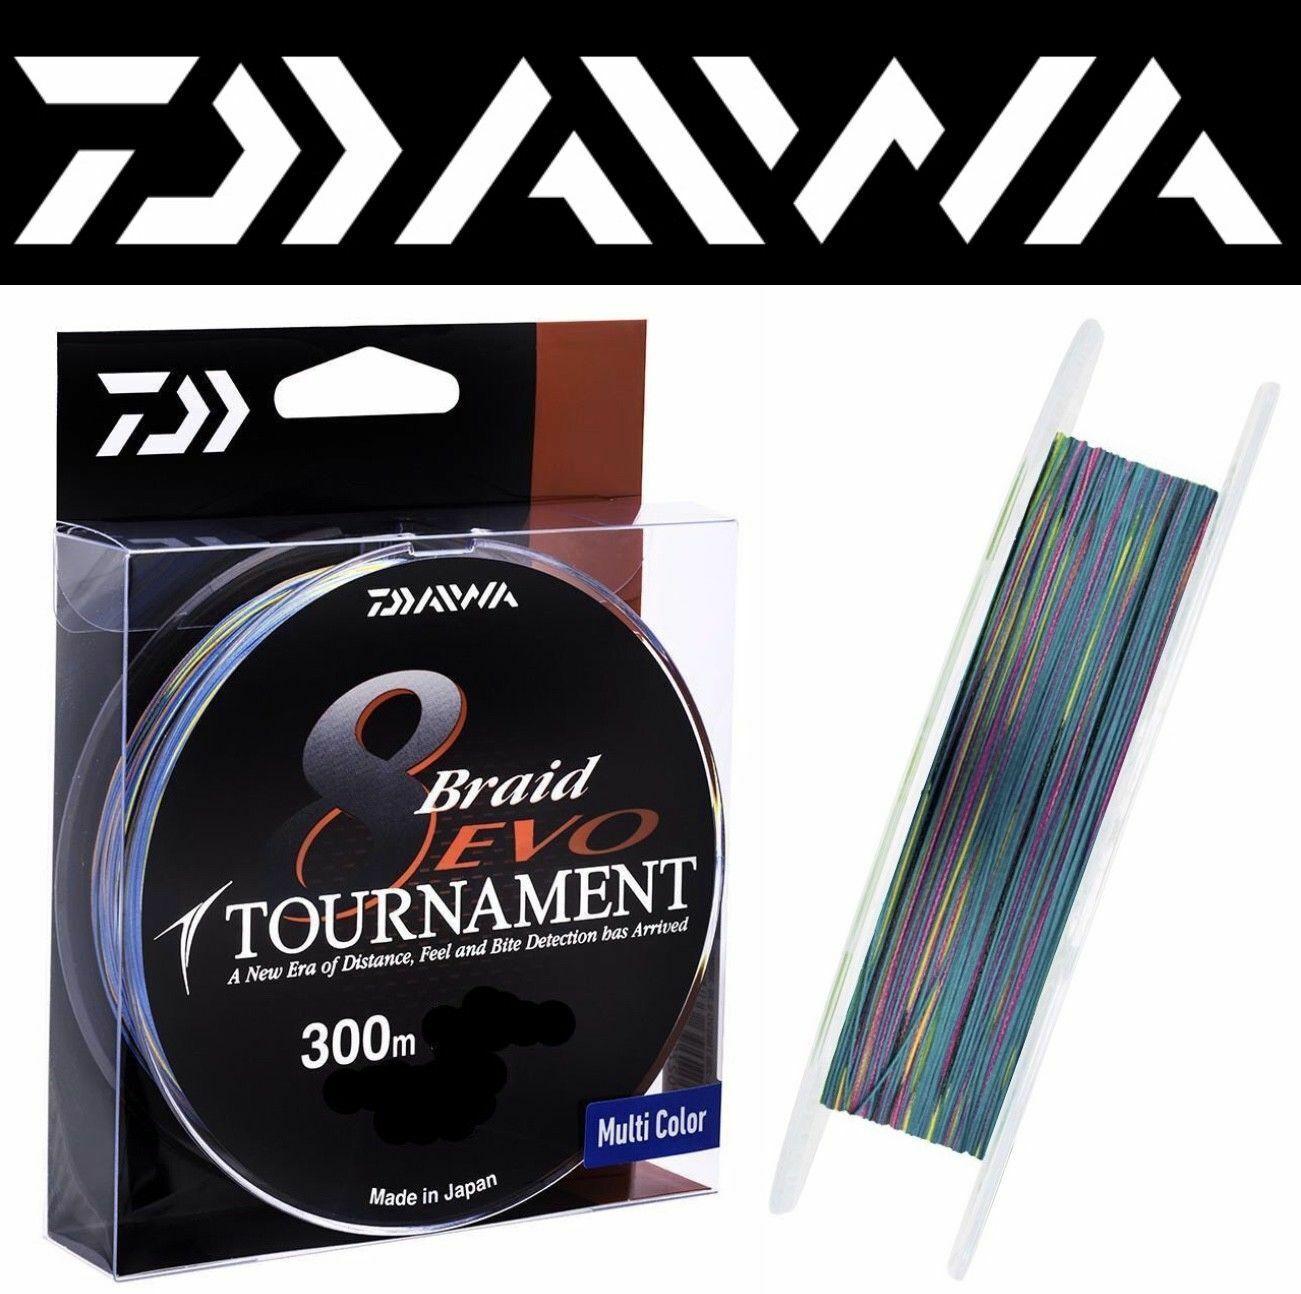 DAIWA Tournament 8 TRECCIA Evo Intrecciato Linea multiColoreee300m